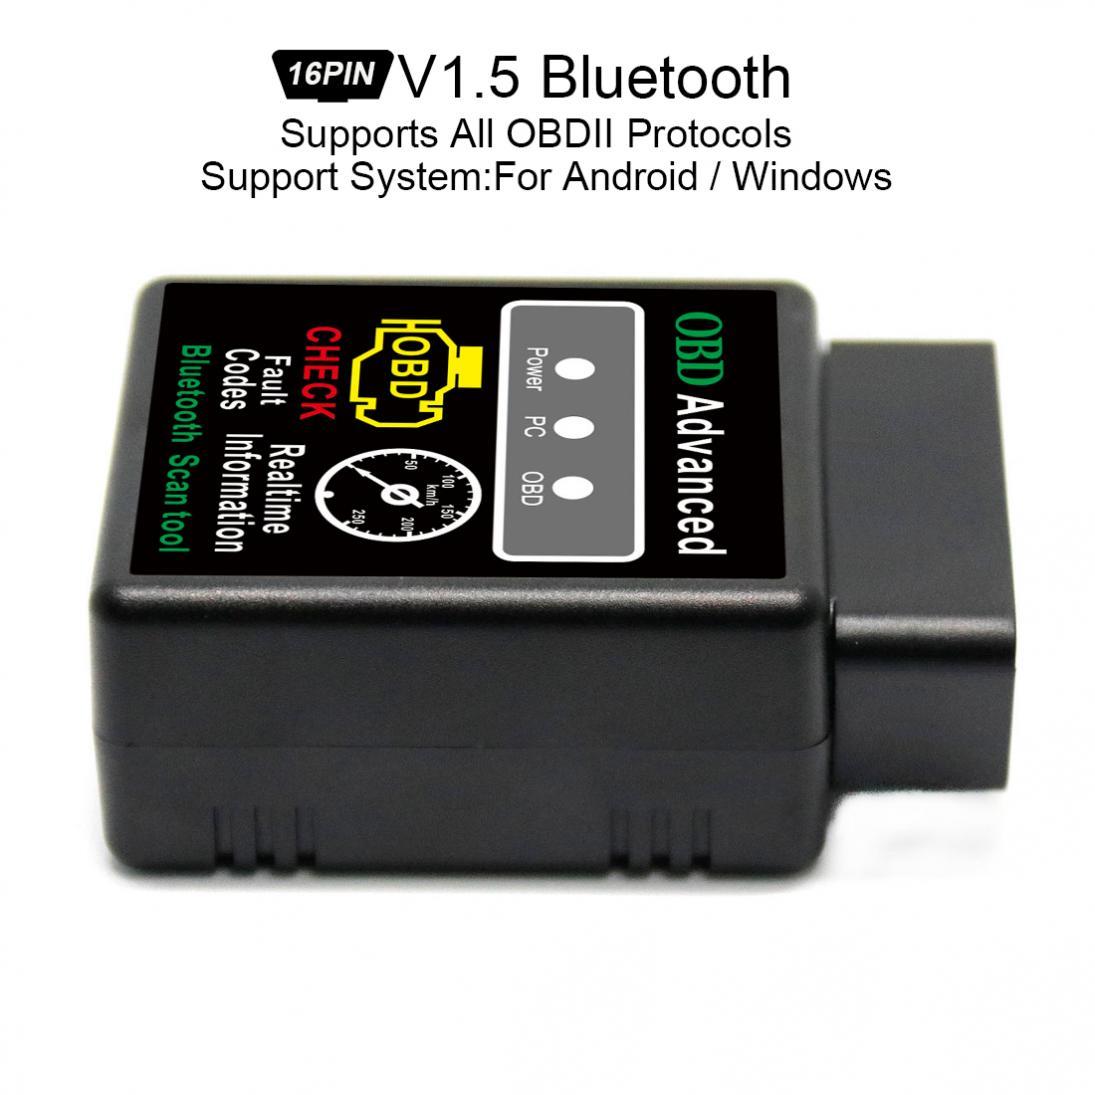 Супер Мини Bluetooth сканер V1.5 чип Беспроводной Авто V02H2-1 Интерфейс автомобилей Читатели код инструмент диагностики OBDII протоколы